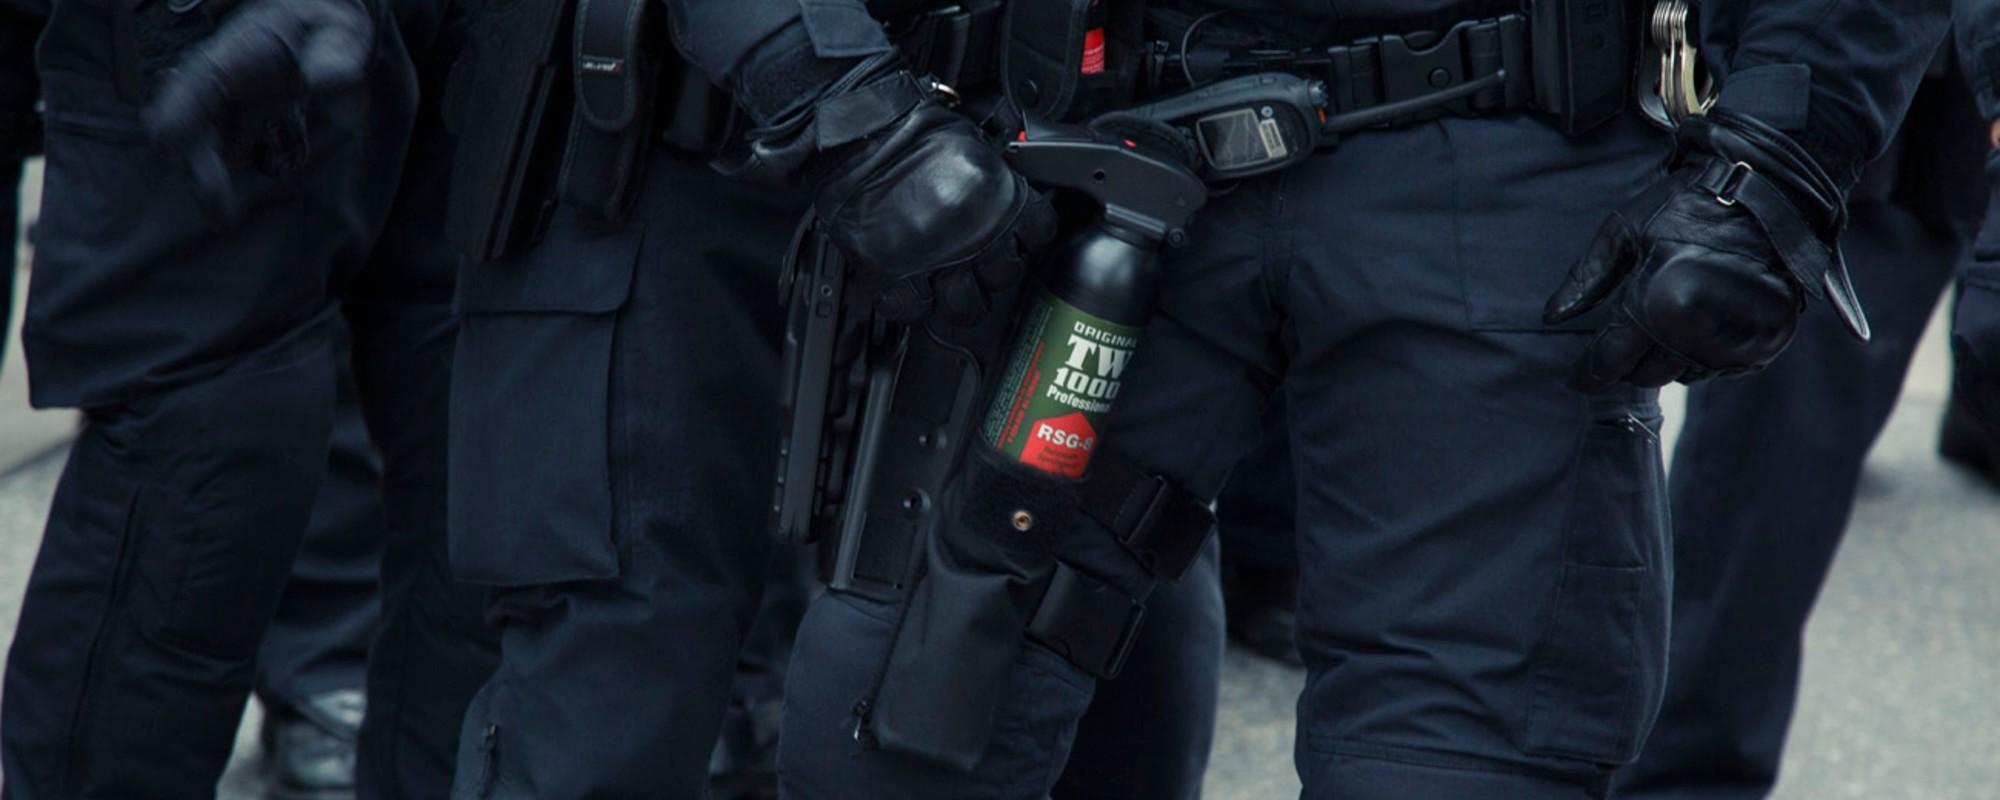 Pfefferspray und Blockaden: Fotos von der Demo der rechtsextremen Identitären